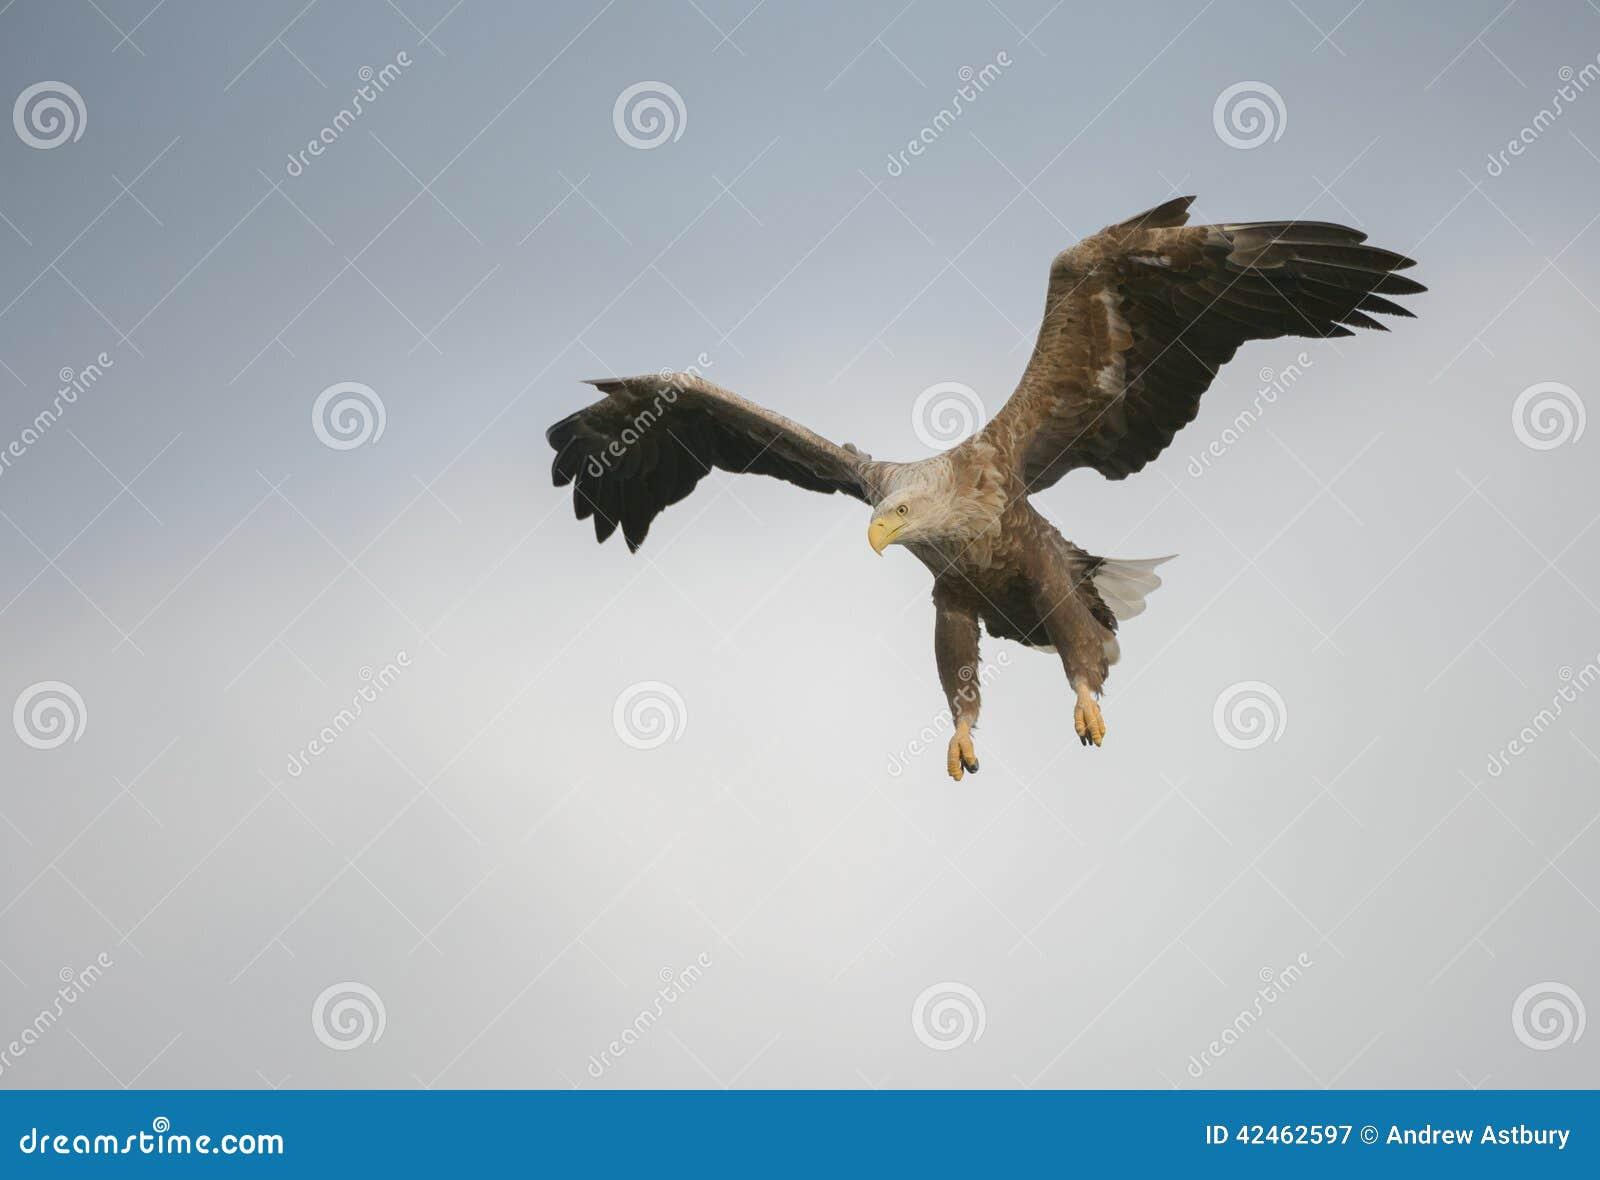 Jagd Eagle in einem Tauchen